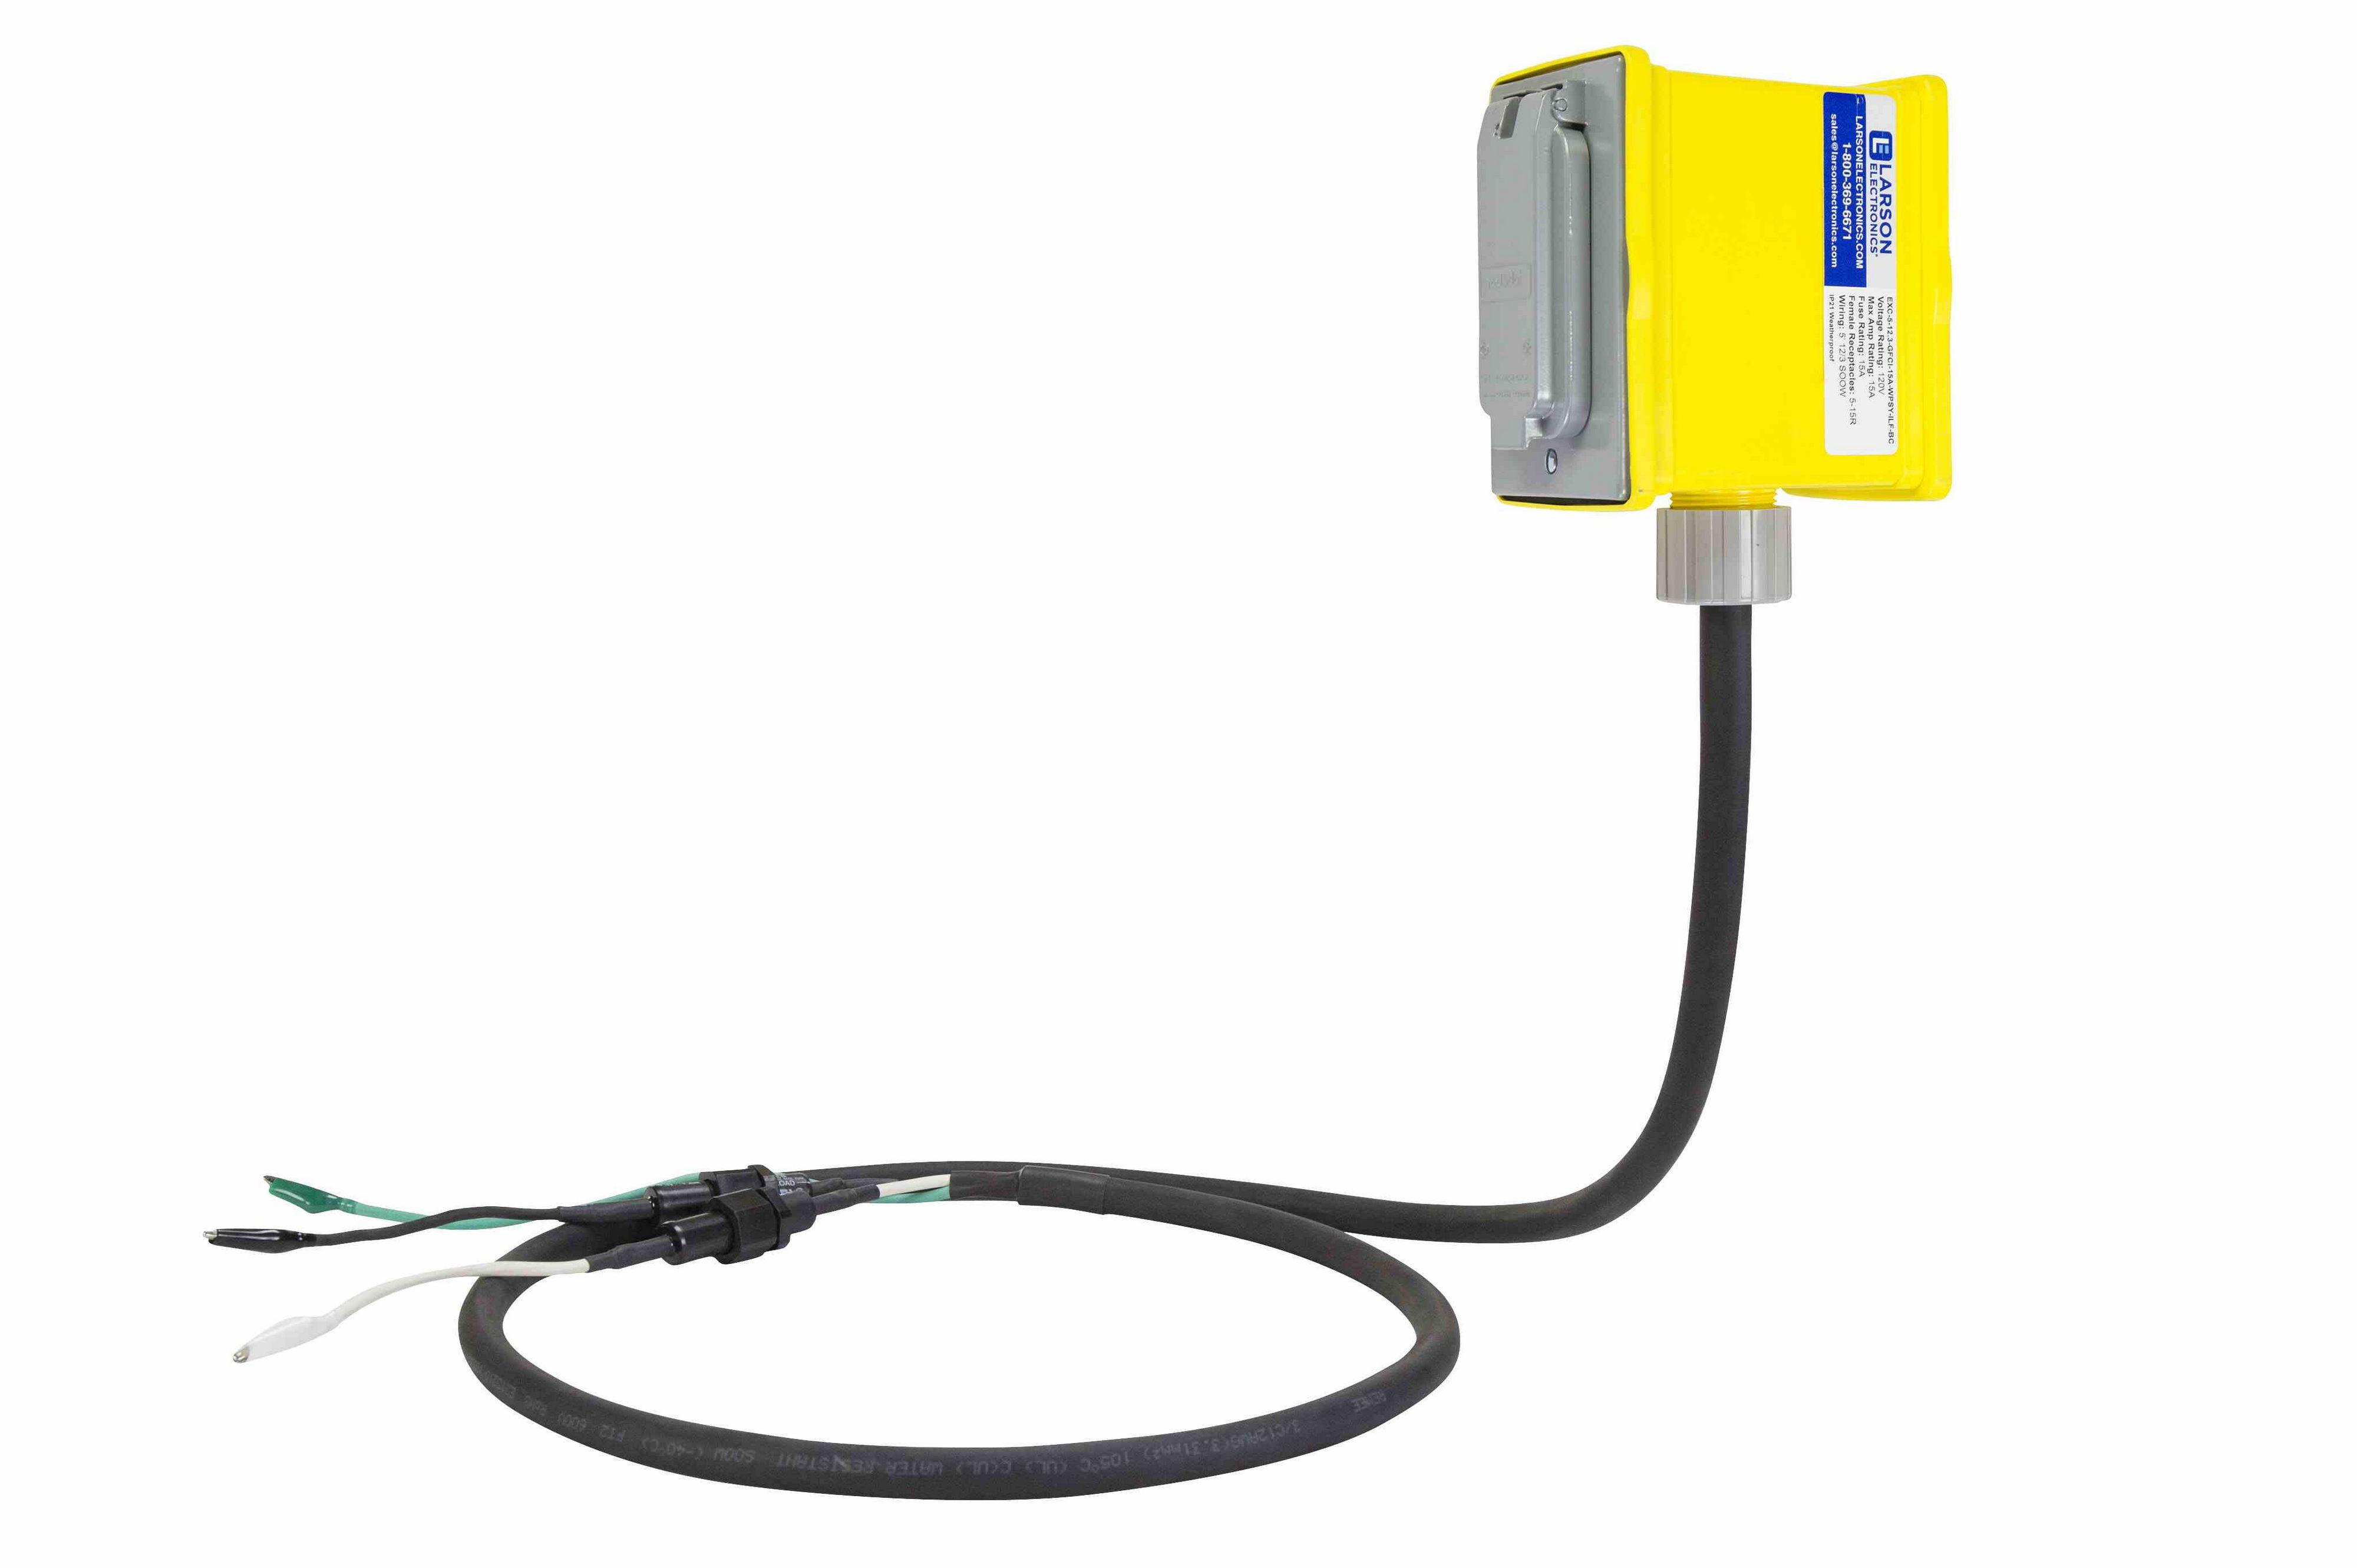 Erfreut 14 3 Wire Amp Rating Fotos - Der Schaltplan - triangre.info